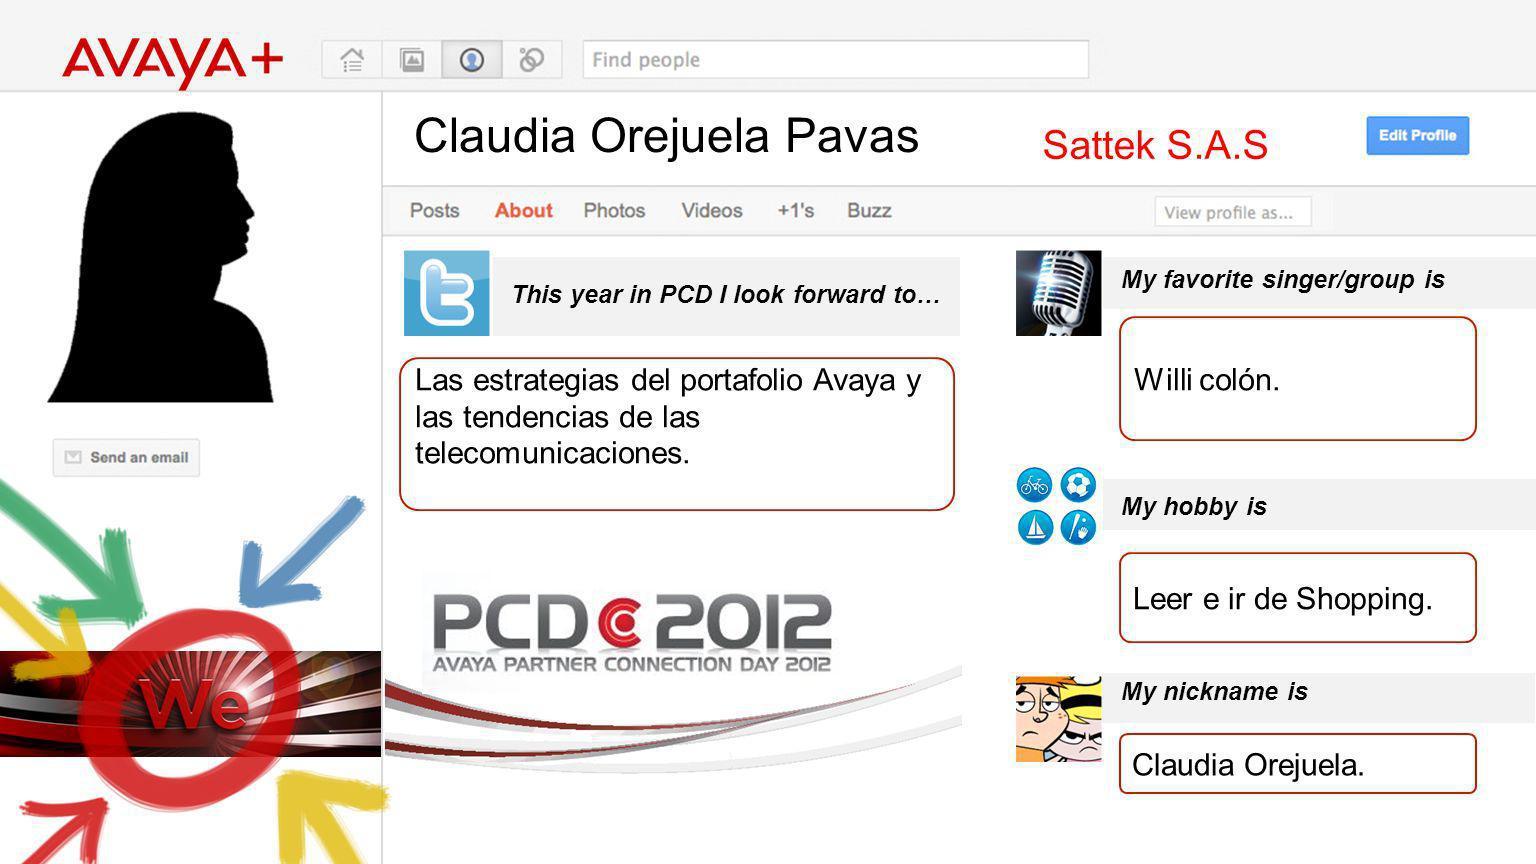 Claudia Orejuela Pavas This year in PCD I look forward to… Sattek S.A.S Las estrategias del portafolio Avaya y las tendencias de las telecomunicaciones.